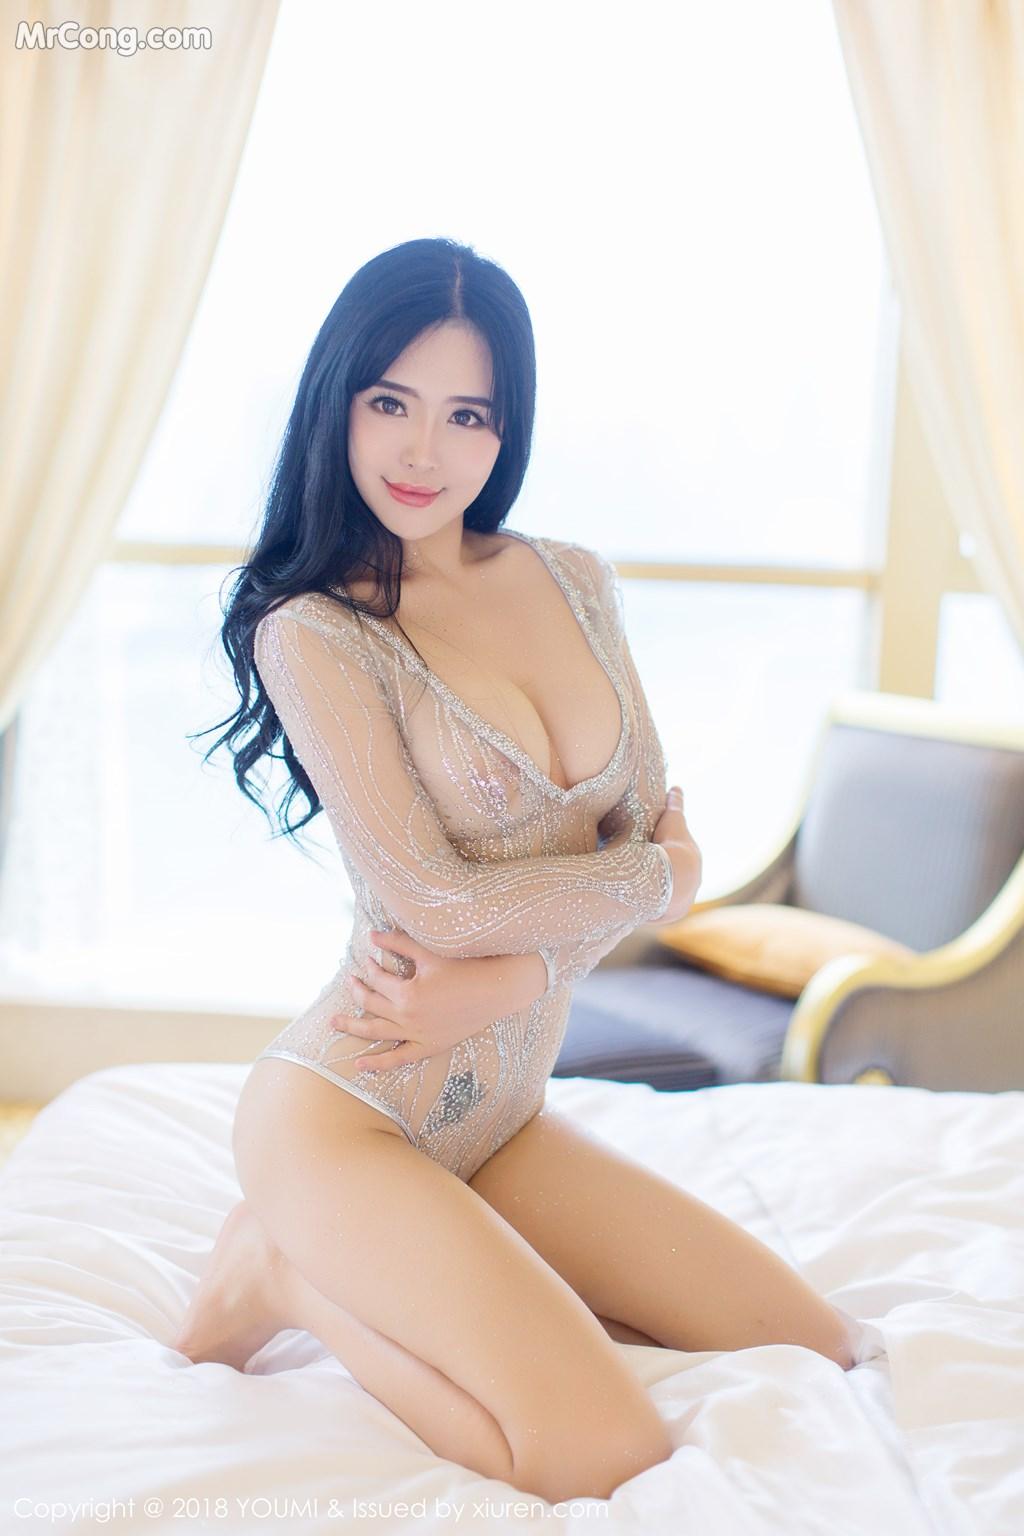 Image YouMi-Vol.124-Liu-Yu-Er-MrCong.com-013 in post YouMi Vol.124: Người mẫu Liu Yu Er (刘钰儿) (41 ảnh)